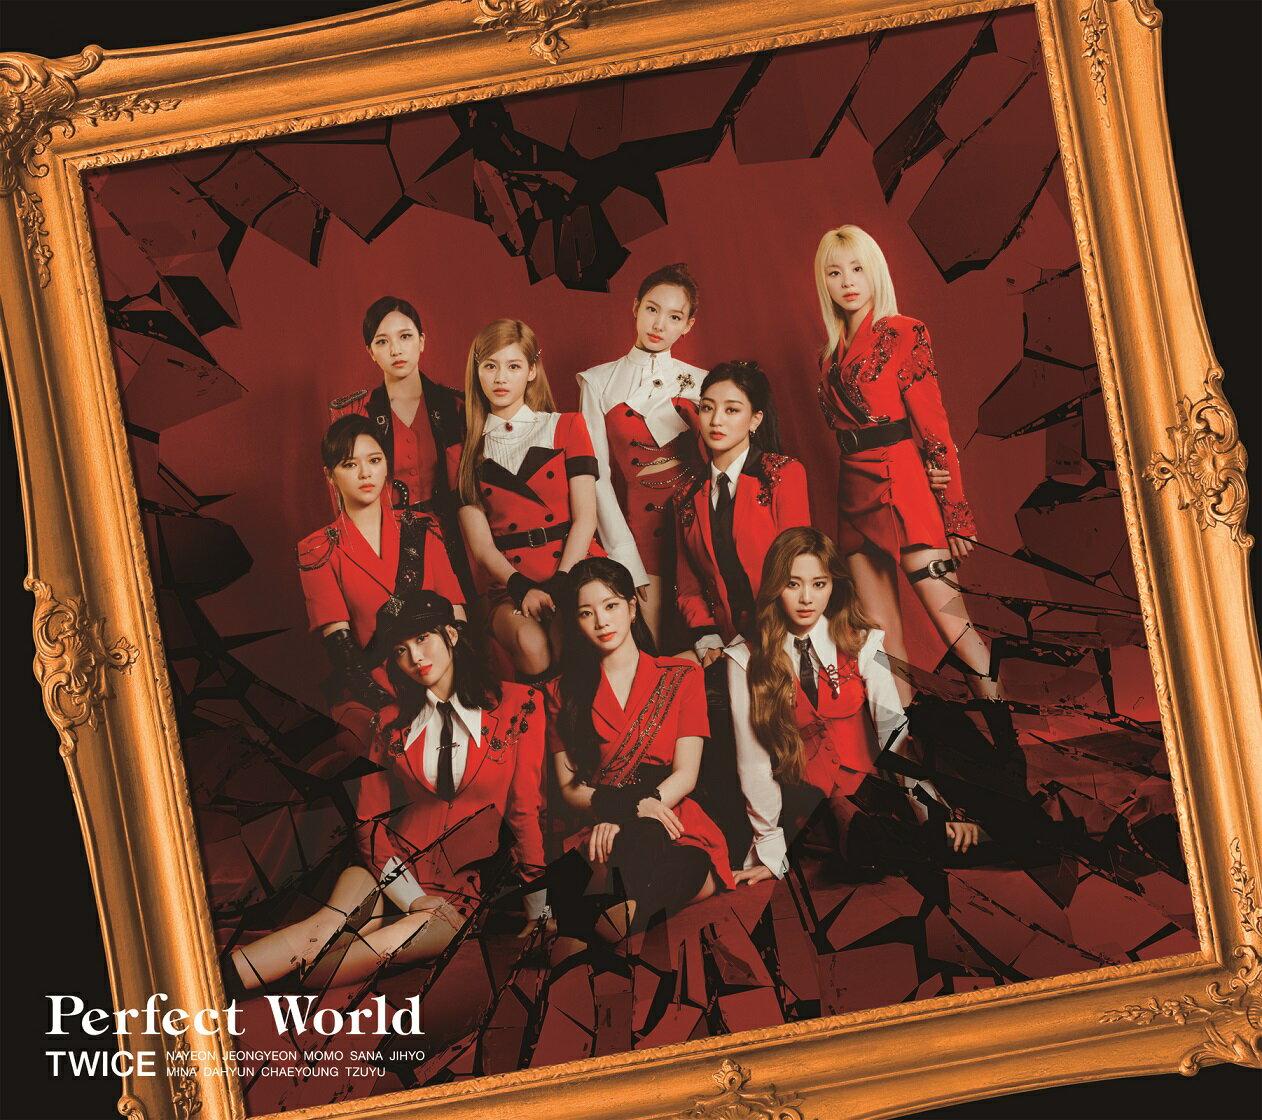 邦楽, ロック・ポップス Perfect World (B) TWICE